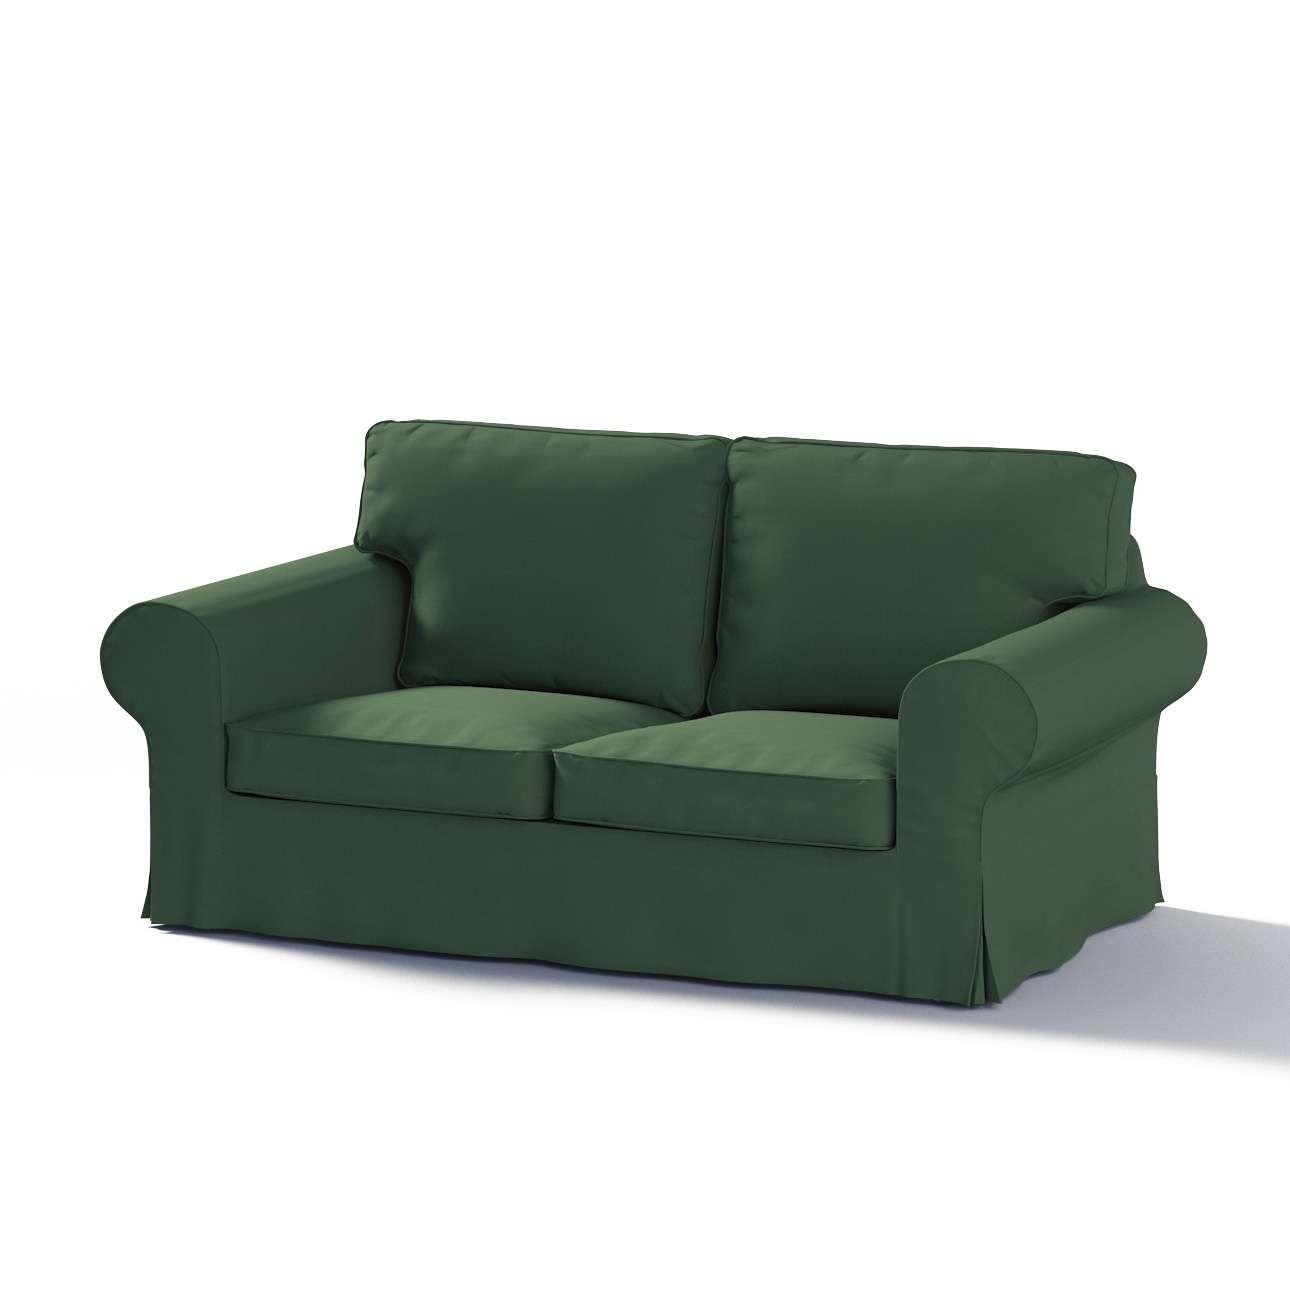 Pokrowiec na sofę Ektorp 2-osobową rozkładaną, model po 2012 w kolekcji Cotton Panama, tkanina: 702-06